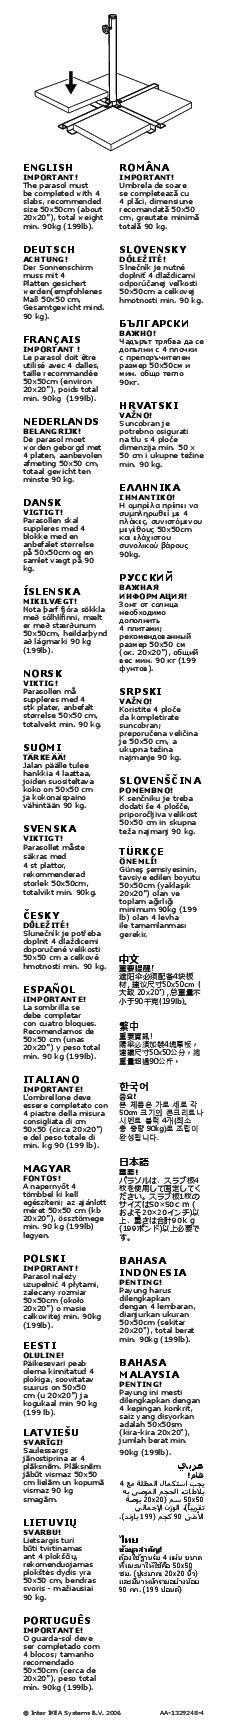 Seglar parasol d port beige ikea france ikeapedia - Parasol deporte ikea ...